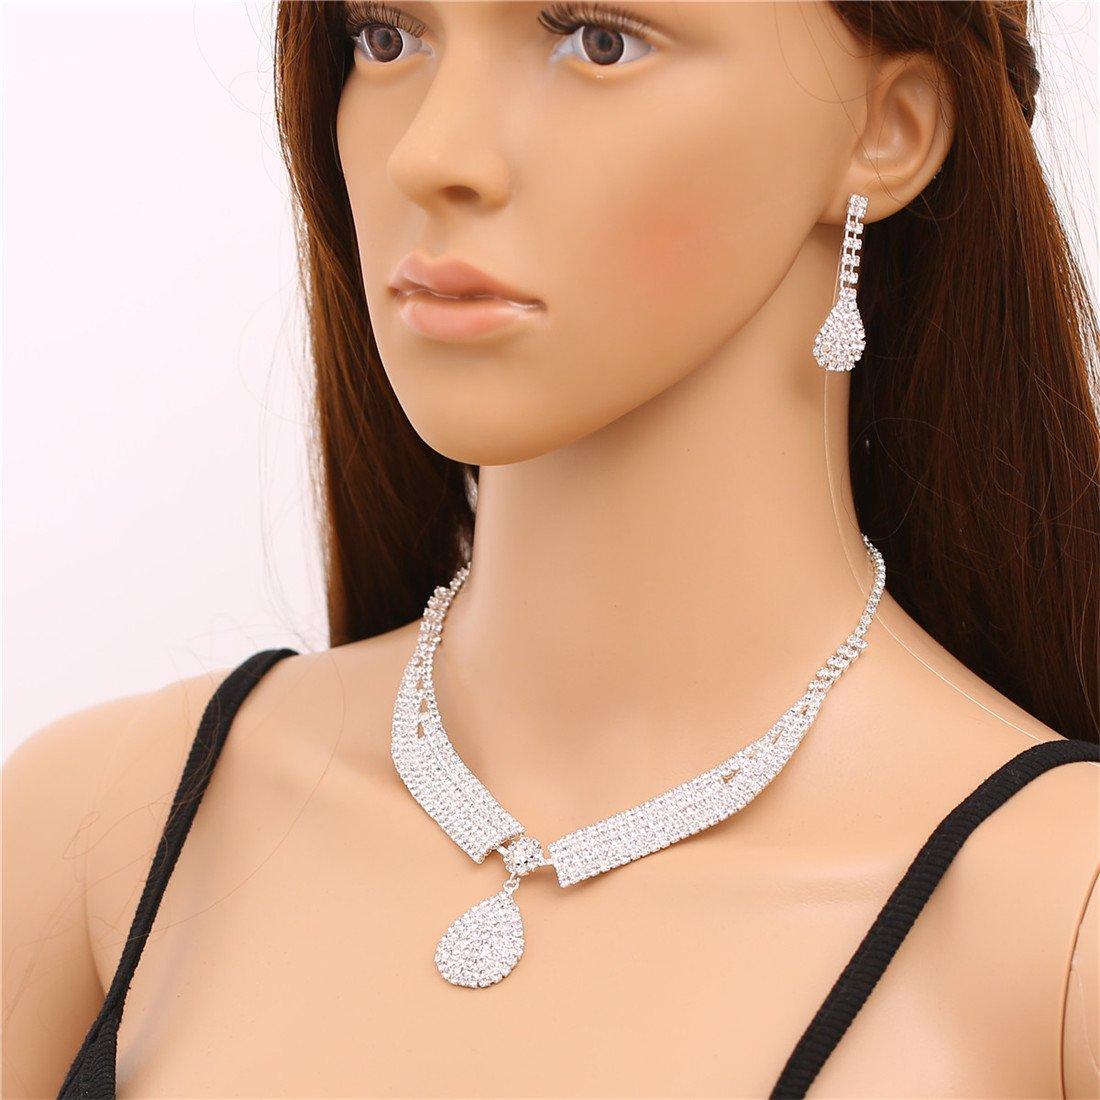 FANCY LOVE Crystal Rhinestone Bridal Necklace Earrings Jewelry Sets by FANCY LOVE JEWELRY (Image #6)